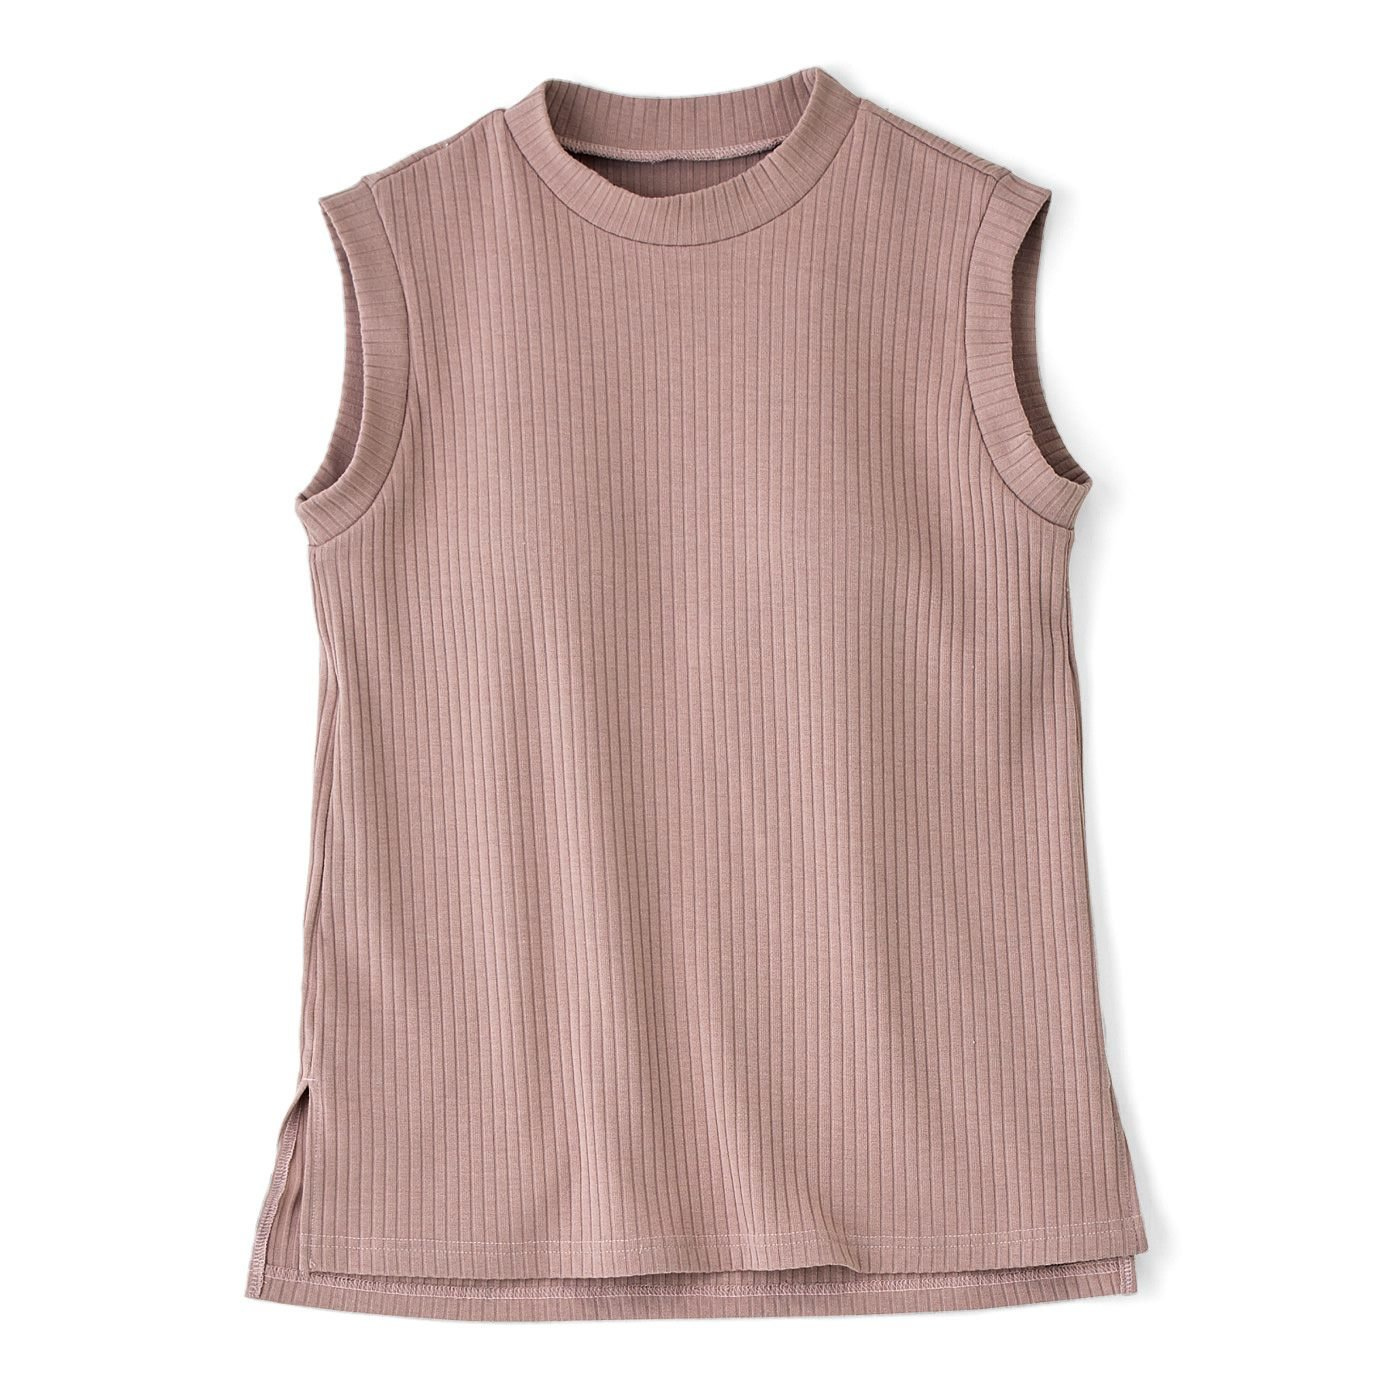 ワイドリブで華奢見え カップ付きノースリーブトップス〈ピンク〉